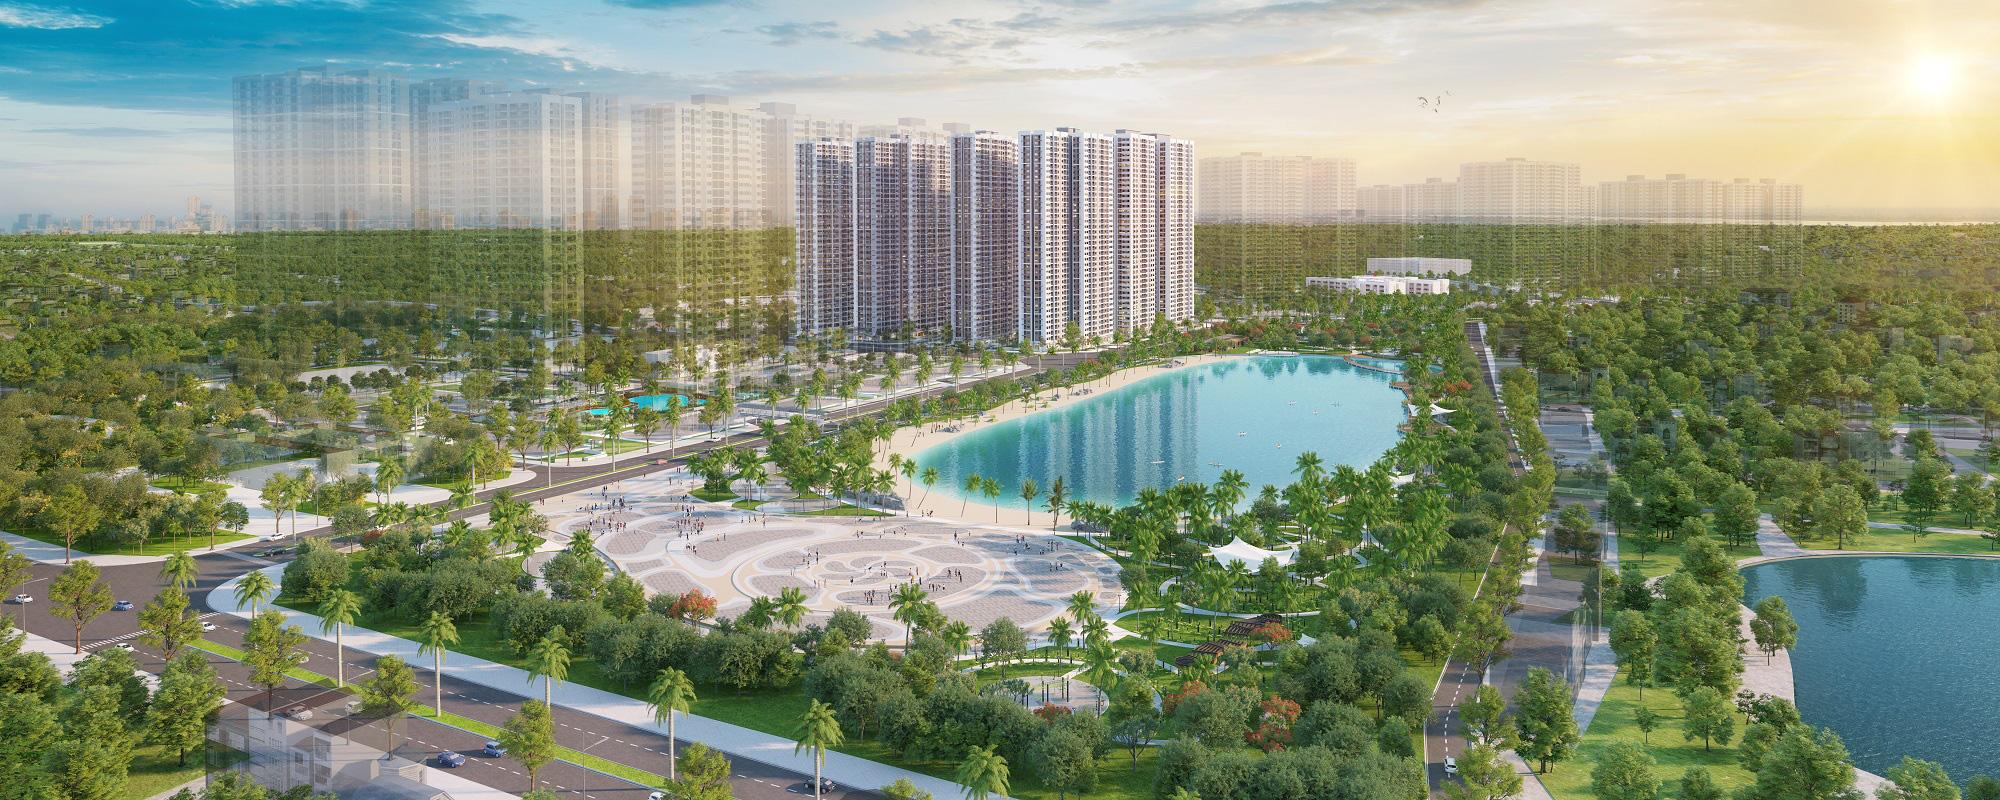 """Dự án Imperia Smart City hút khách nhờ vị trí """"kim cương"""" - Ảnh 2."""